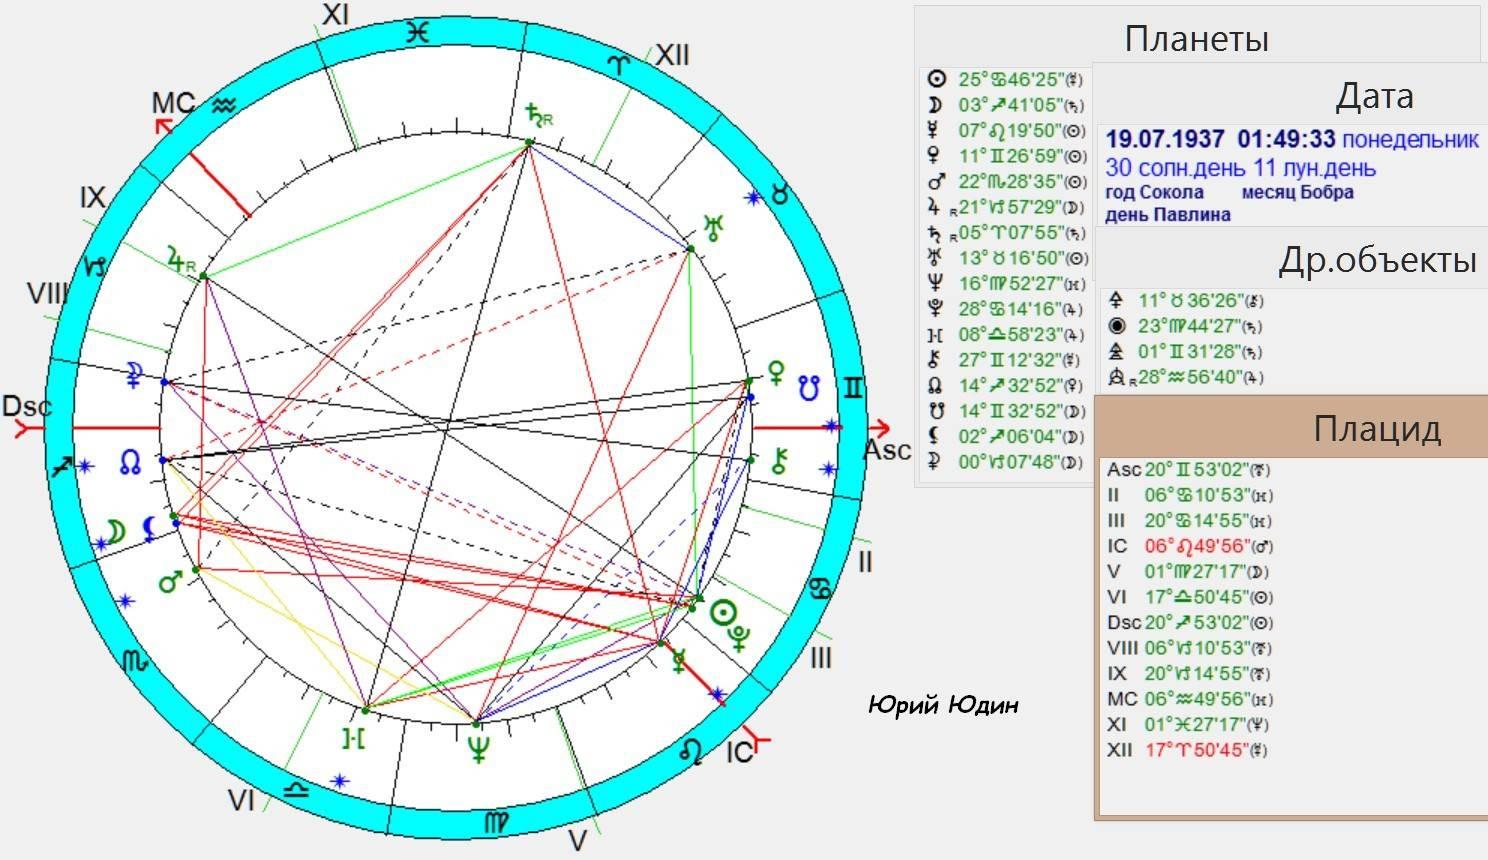 Проверьте свою совместимость по дате рождения. бесплатный гороскоп совместимости в процентах онлайн